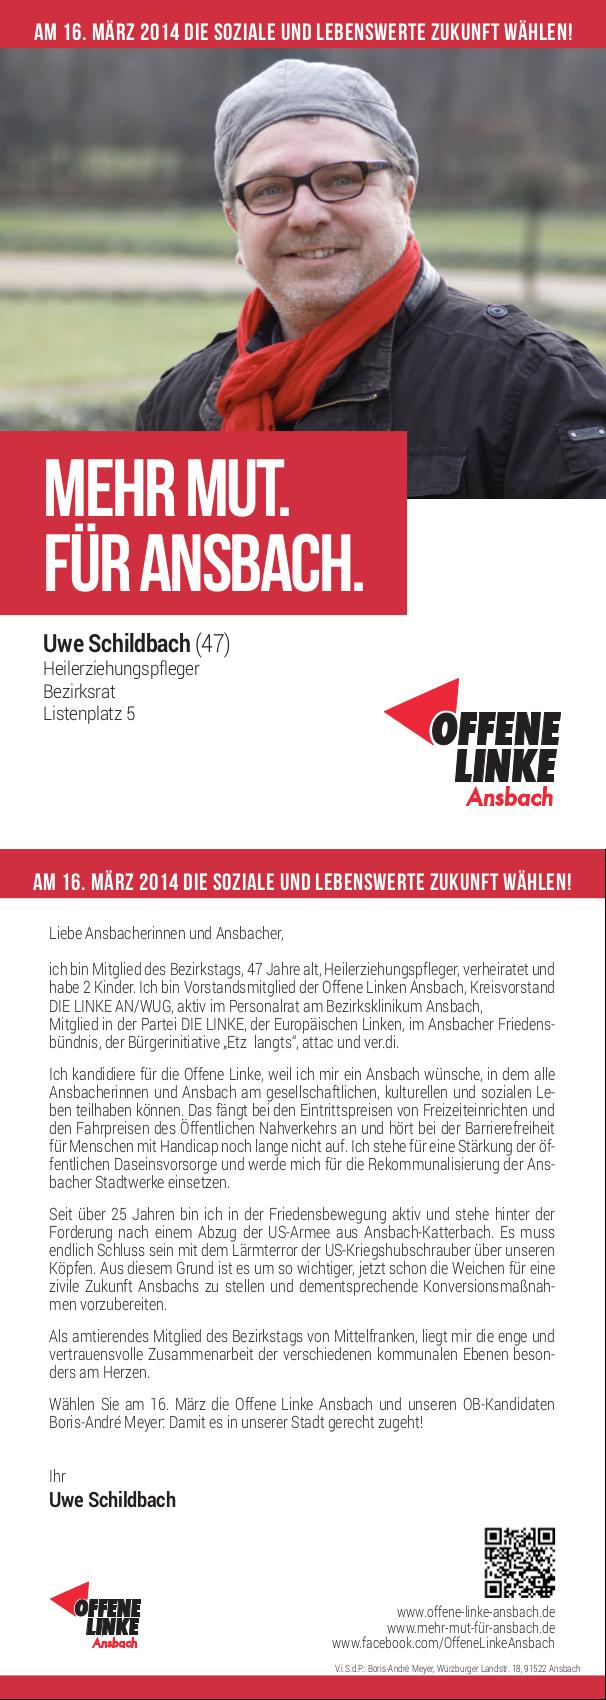 Uwe_Schildbach